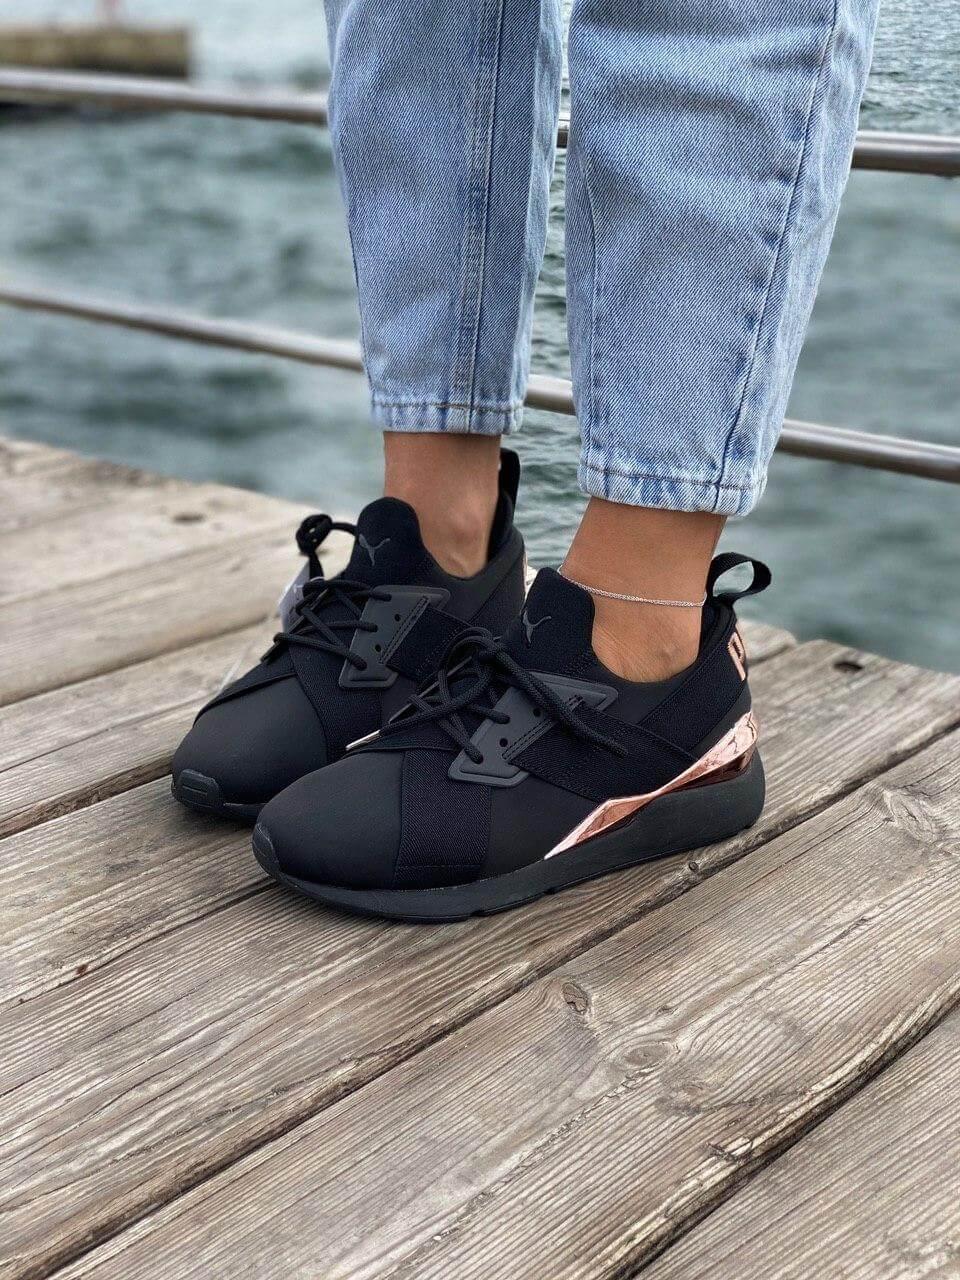 Женские черные кроссовки Puma Muse 2 Satin Strap (Кроссовки Пума Стейн Стреп черного цвета)